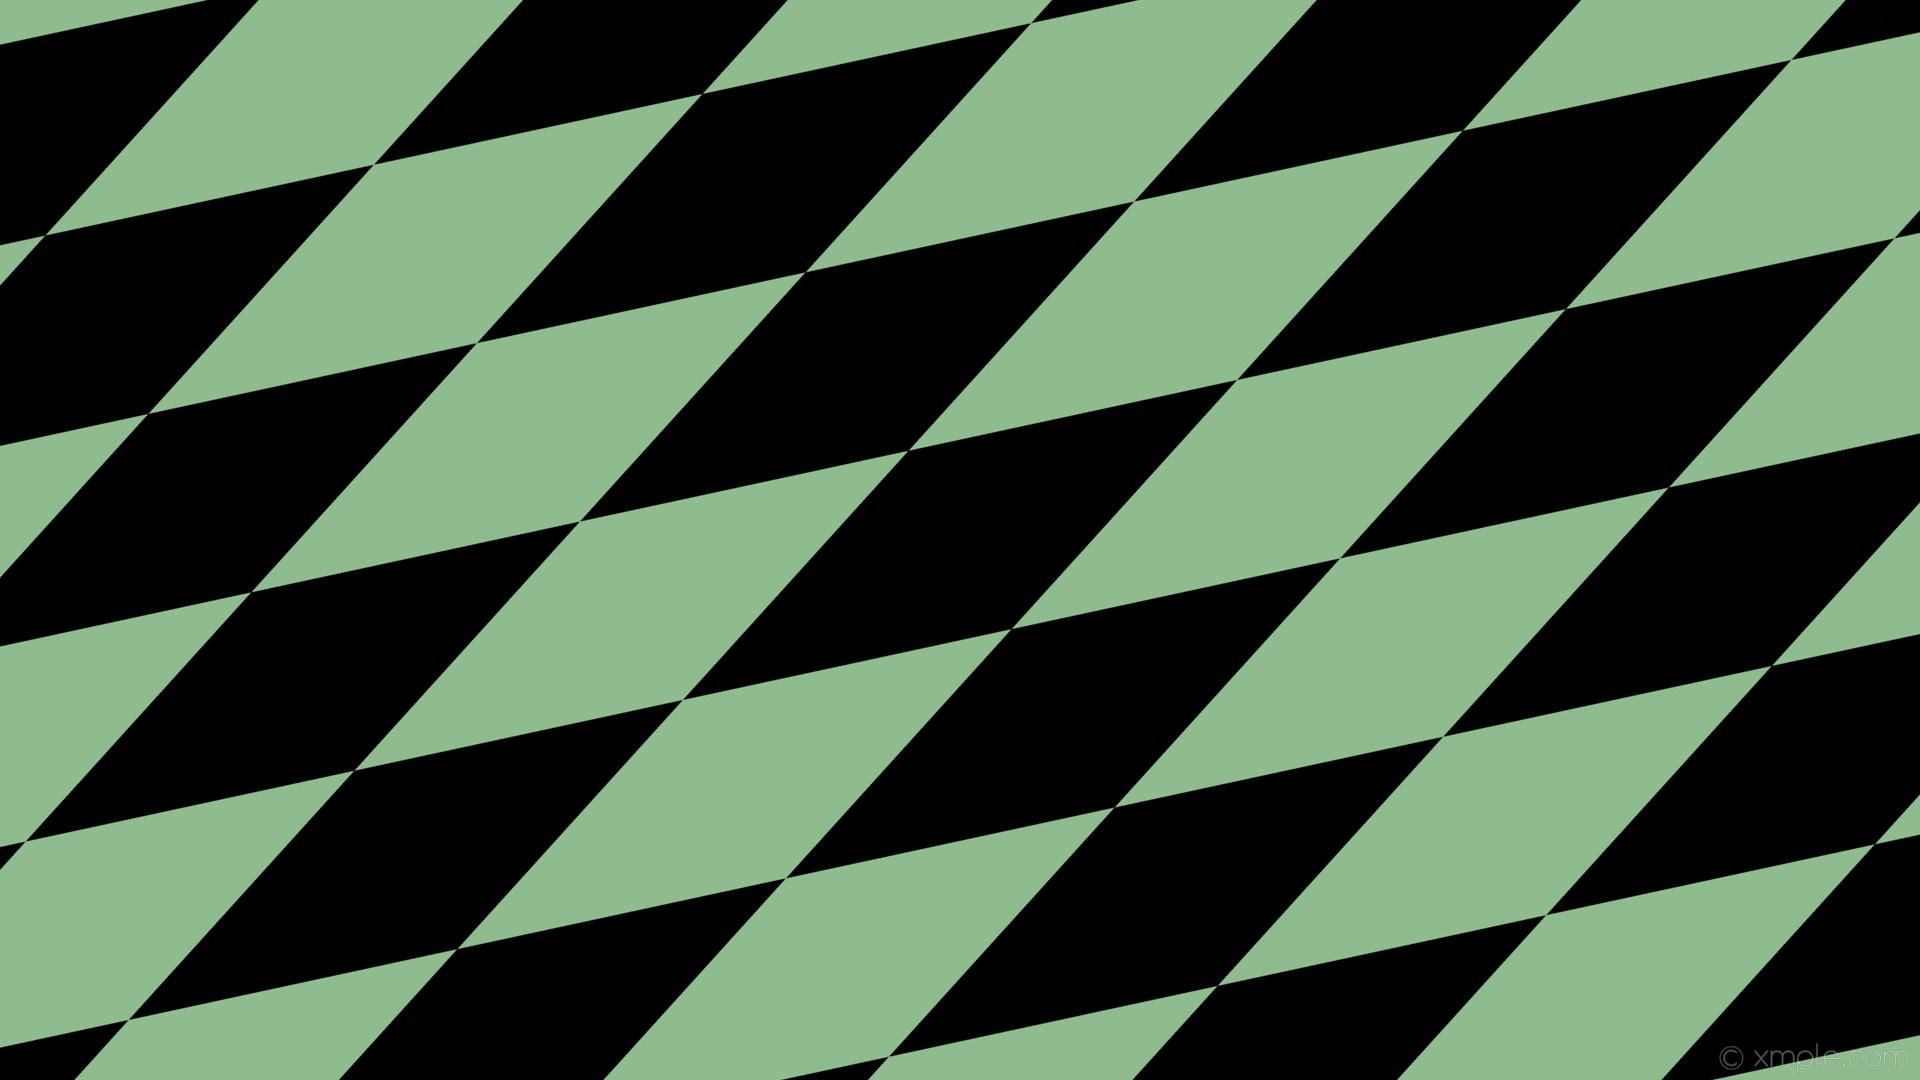 Res: 1920x1080, wallpaper rhombus green black diamond lozenge dark sea green #000000  #8fbc8f 30° 640px